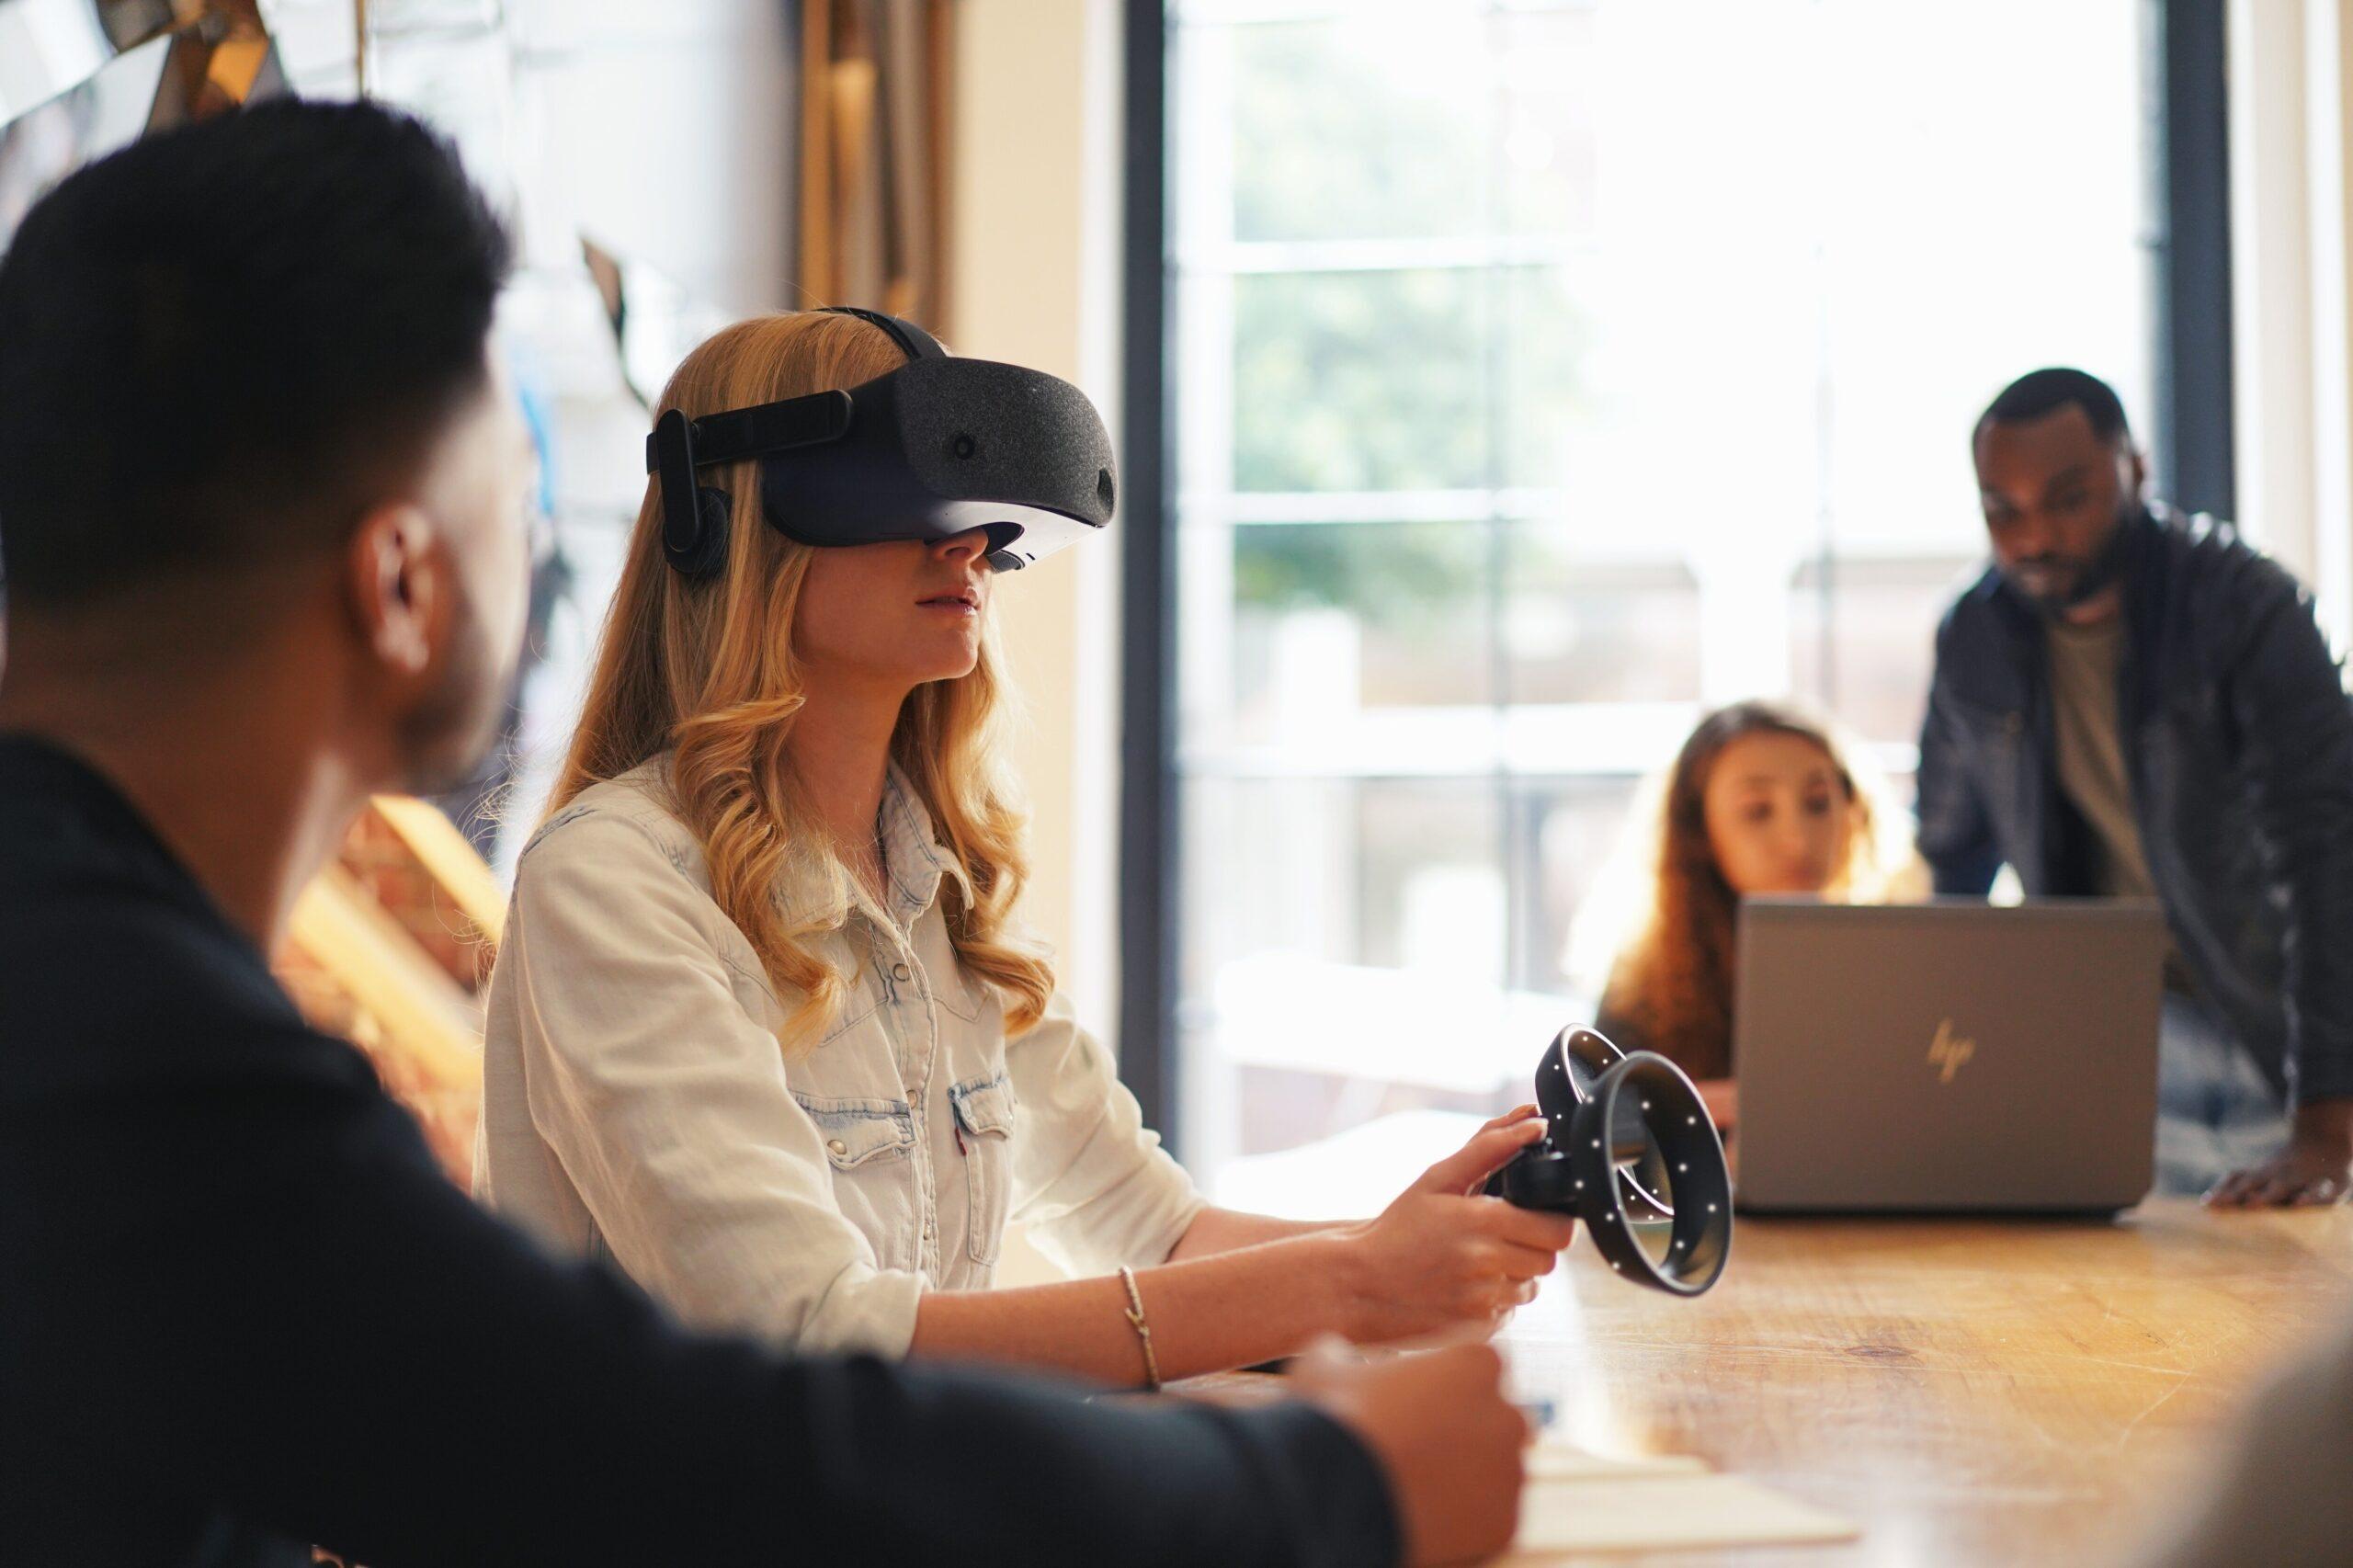 VR i er miljö